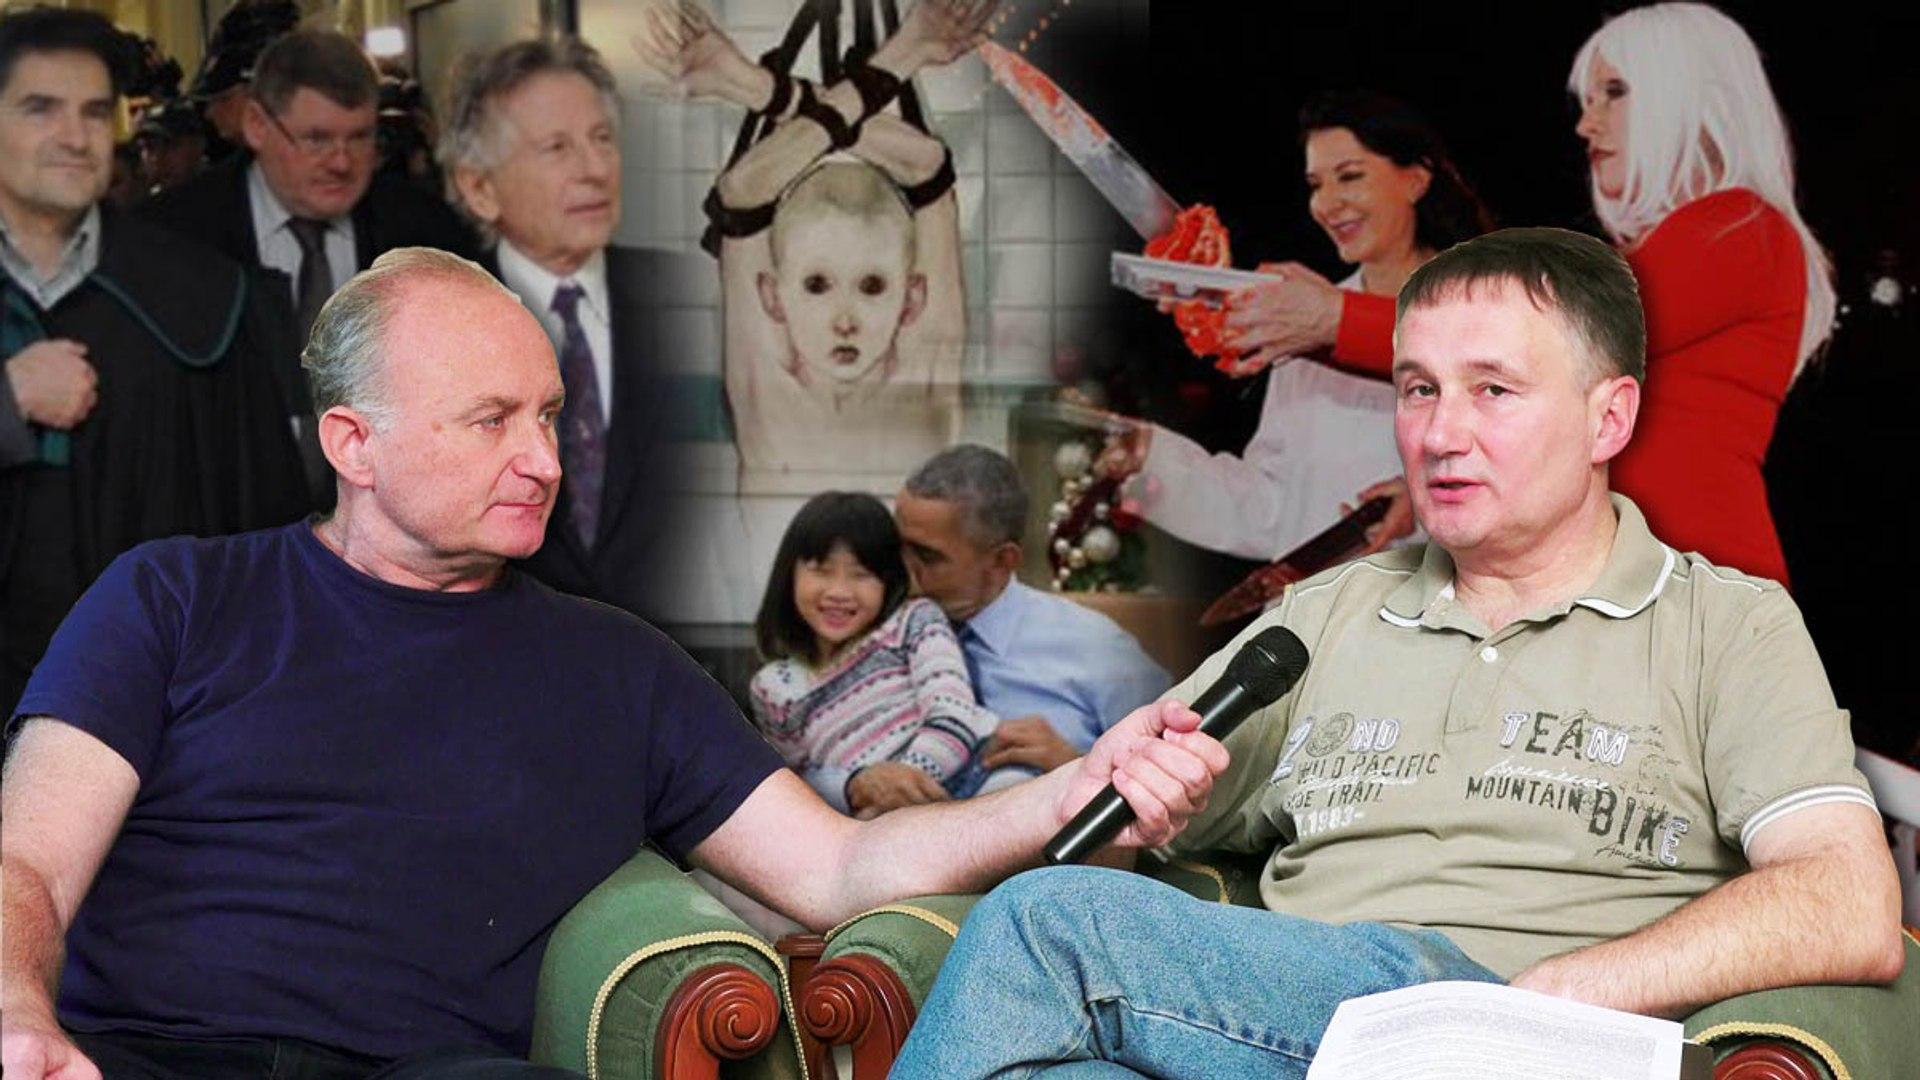 Dr Zbigniew Kękuś o Pizzagate i Romanie Polańskim. Satanistyczne zbrodnie światowych elit.